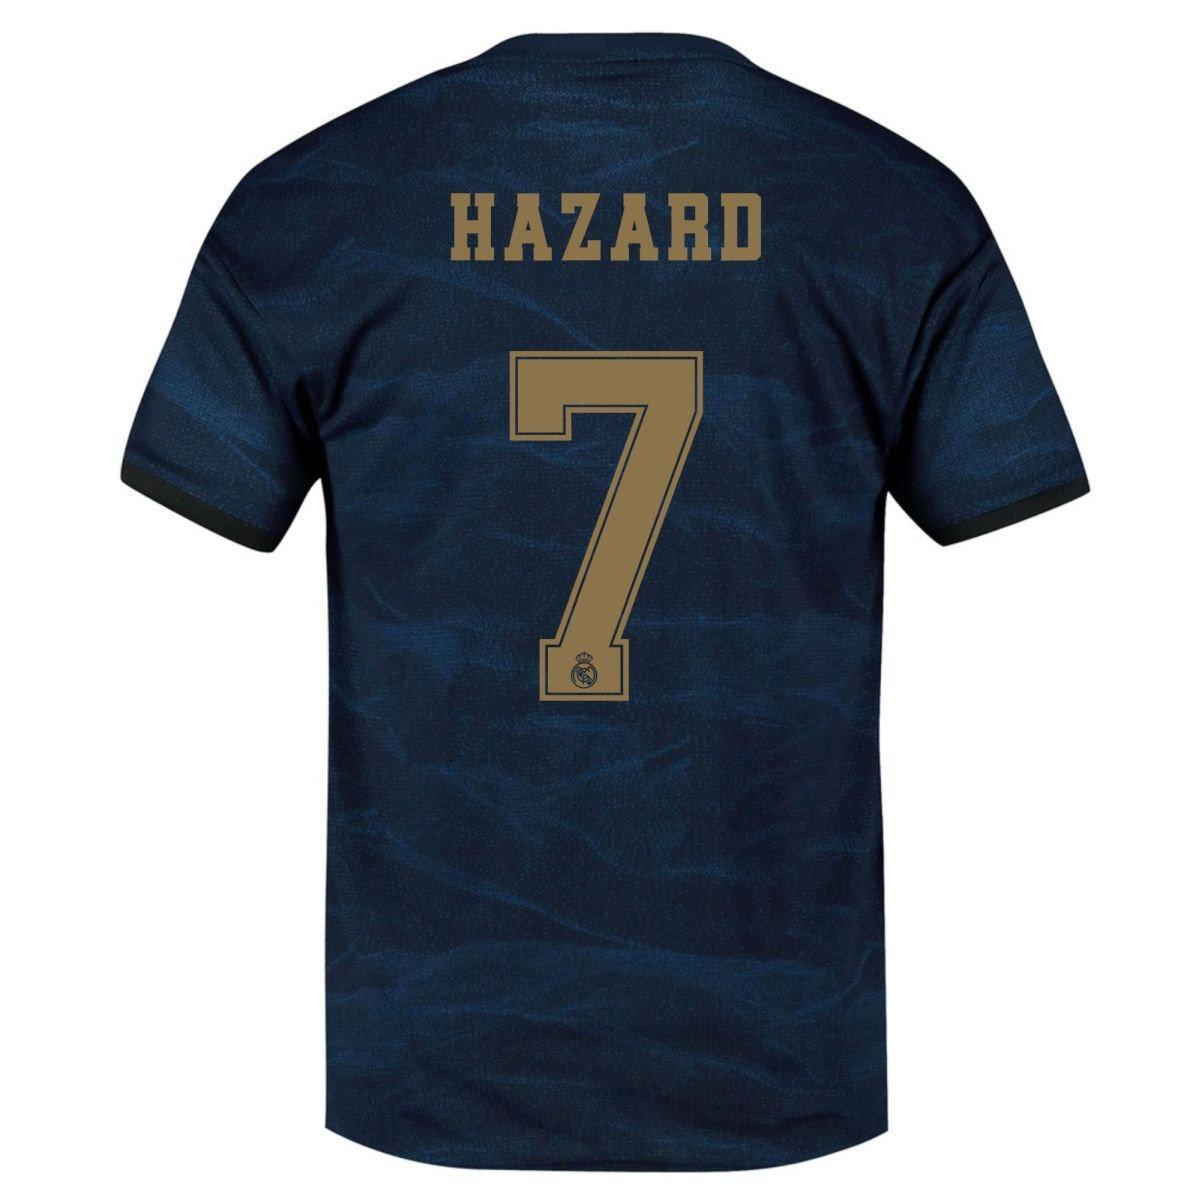 Футбольная форма Реал Мадрид Hazard 7 2019-2020 выездная синяя